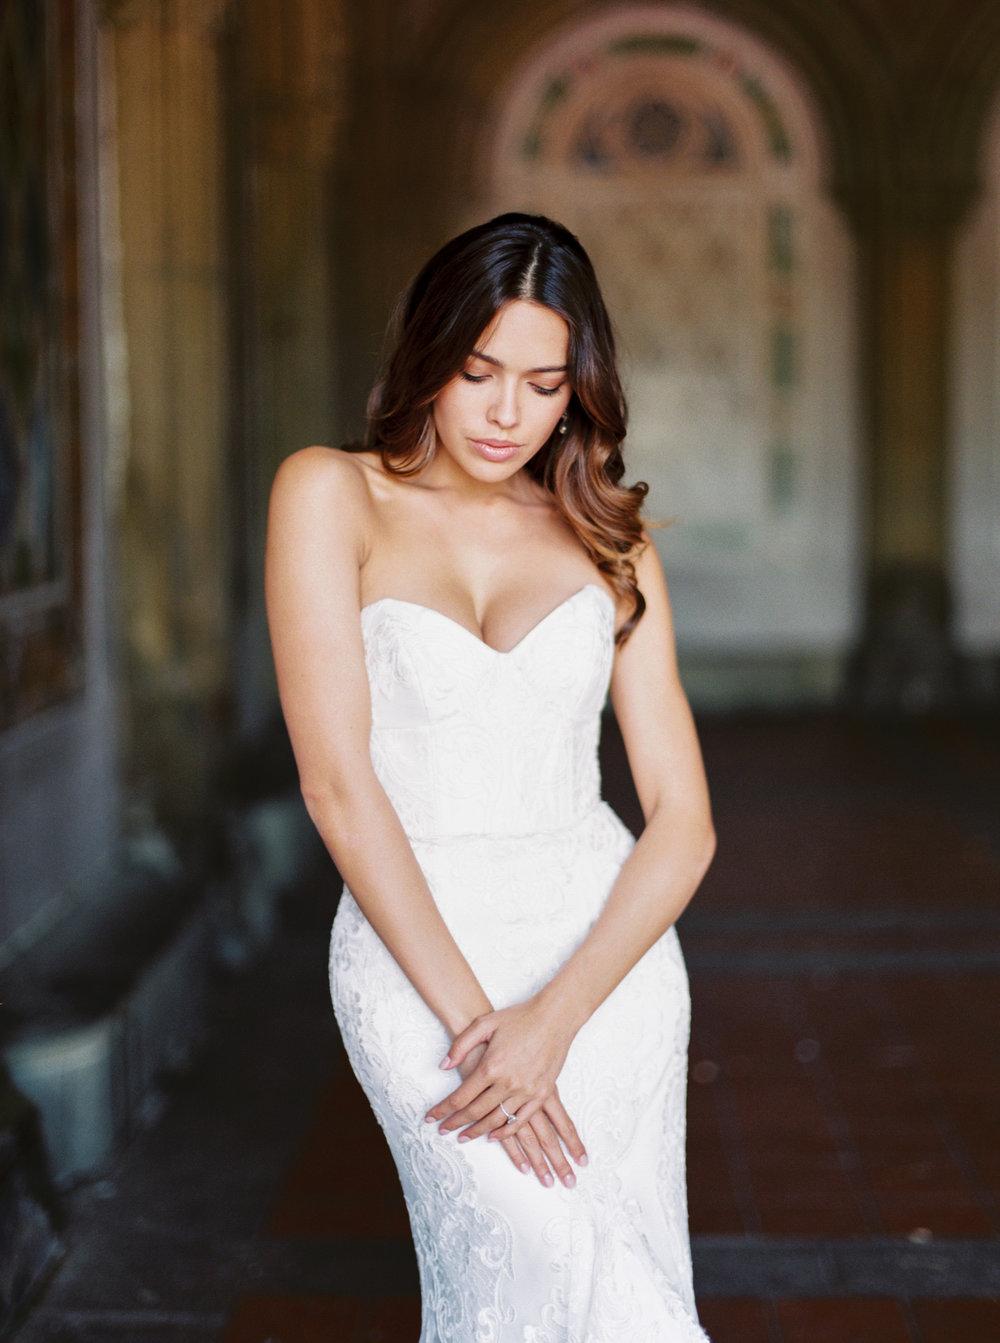 Sophia Dress | AU$4,499